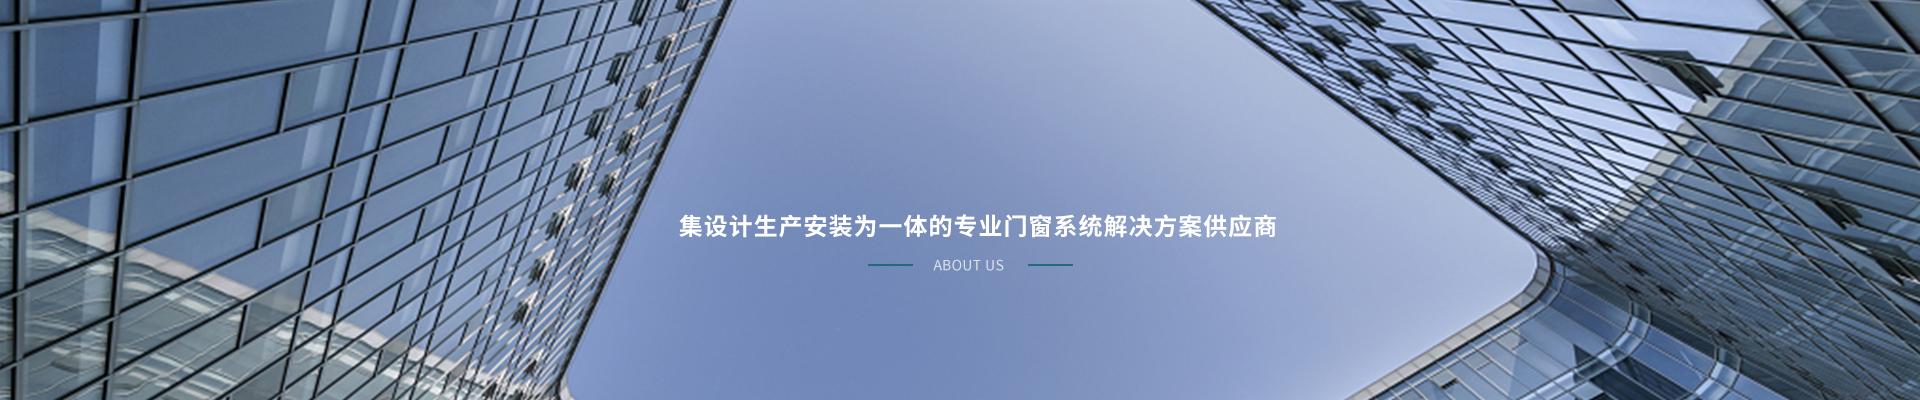 http://www.shjxaf.com/data/images/slide/20210330150111_612.jpg